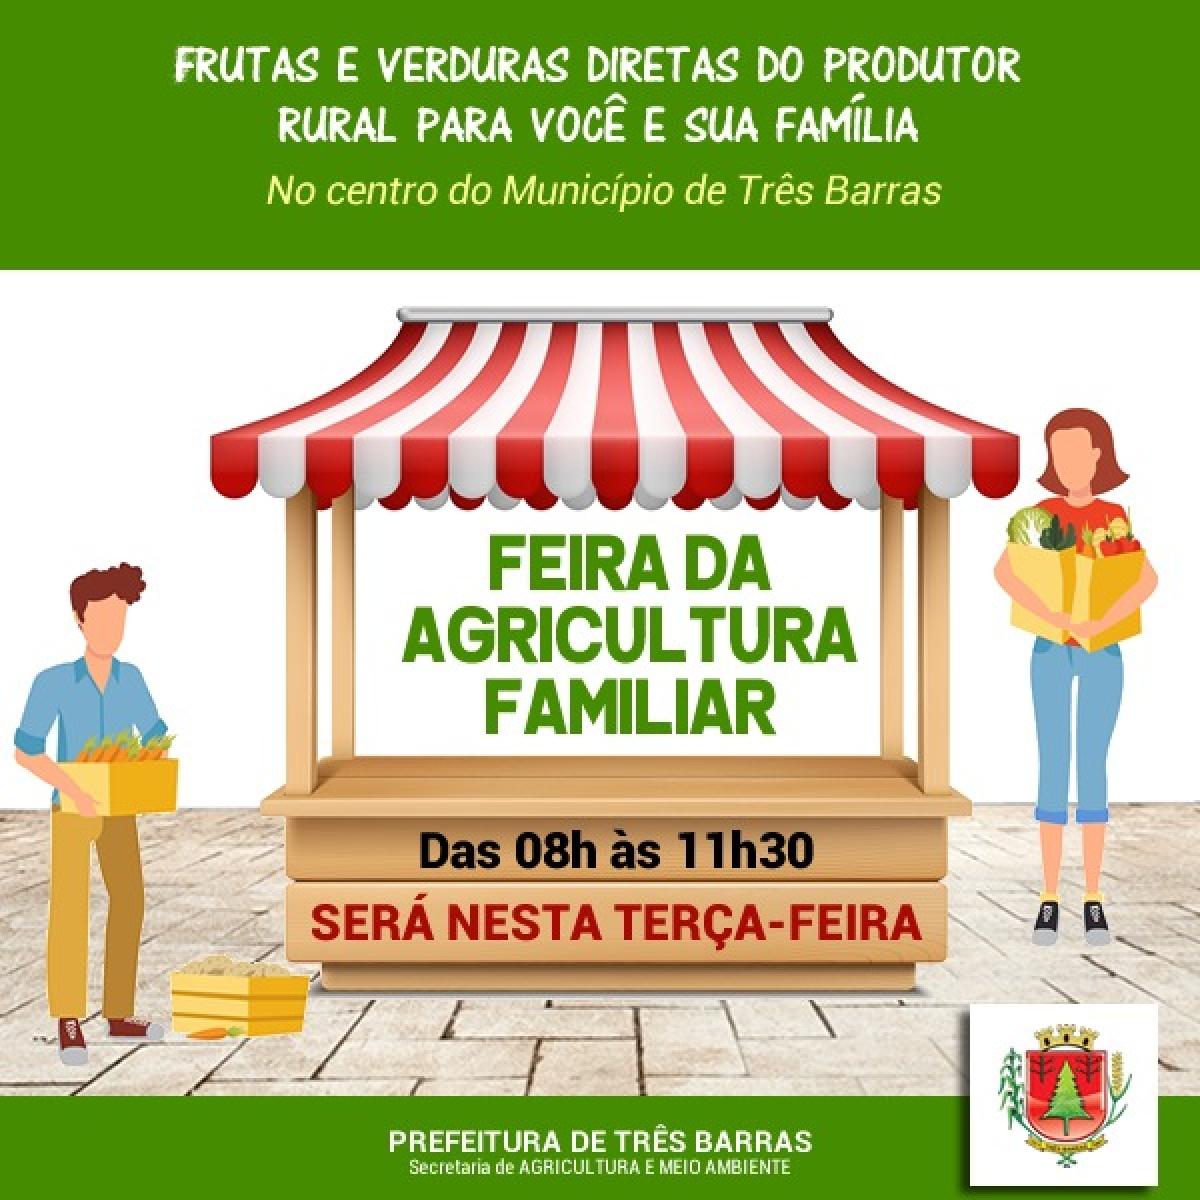 DEVIDO FERIADO, FEIRINHA DA AGRICULTURA FAMILIAR DE TRÊS BARRAS É ANTECIPADA PARA ESTA TERÇA-FEIRA